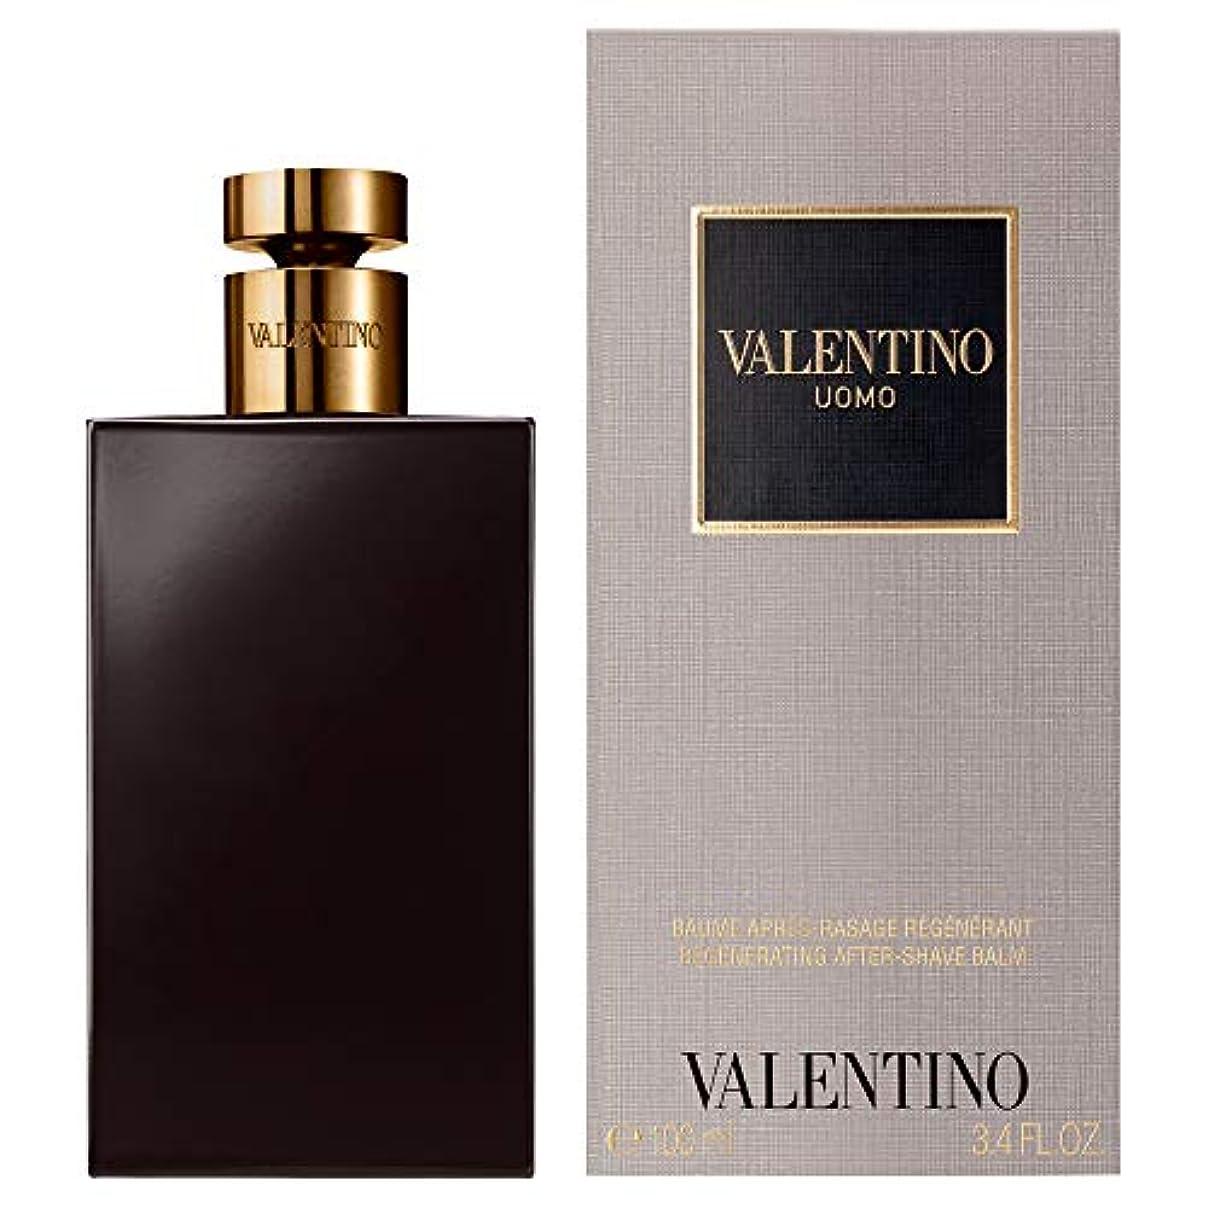 ヶ月目食事見て[Valentino] バレンティーノ?ウォモとしてバーム100ミリリットル - Valentino Uomo AS Balm 100ml [並行輸入品]